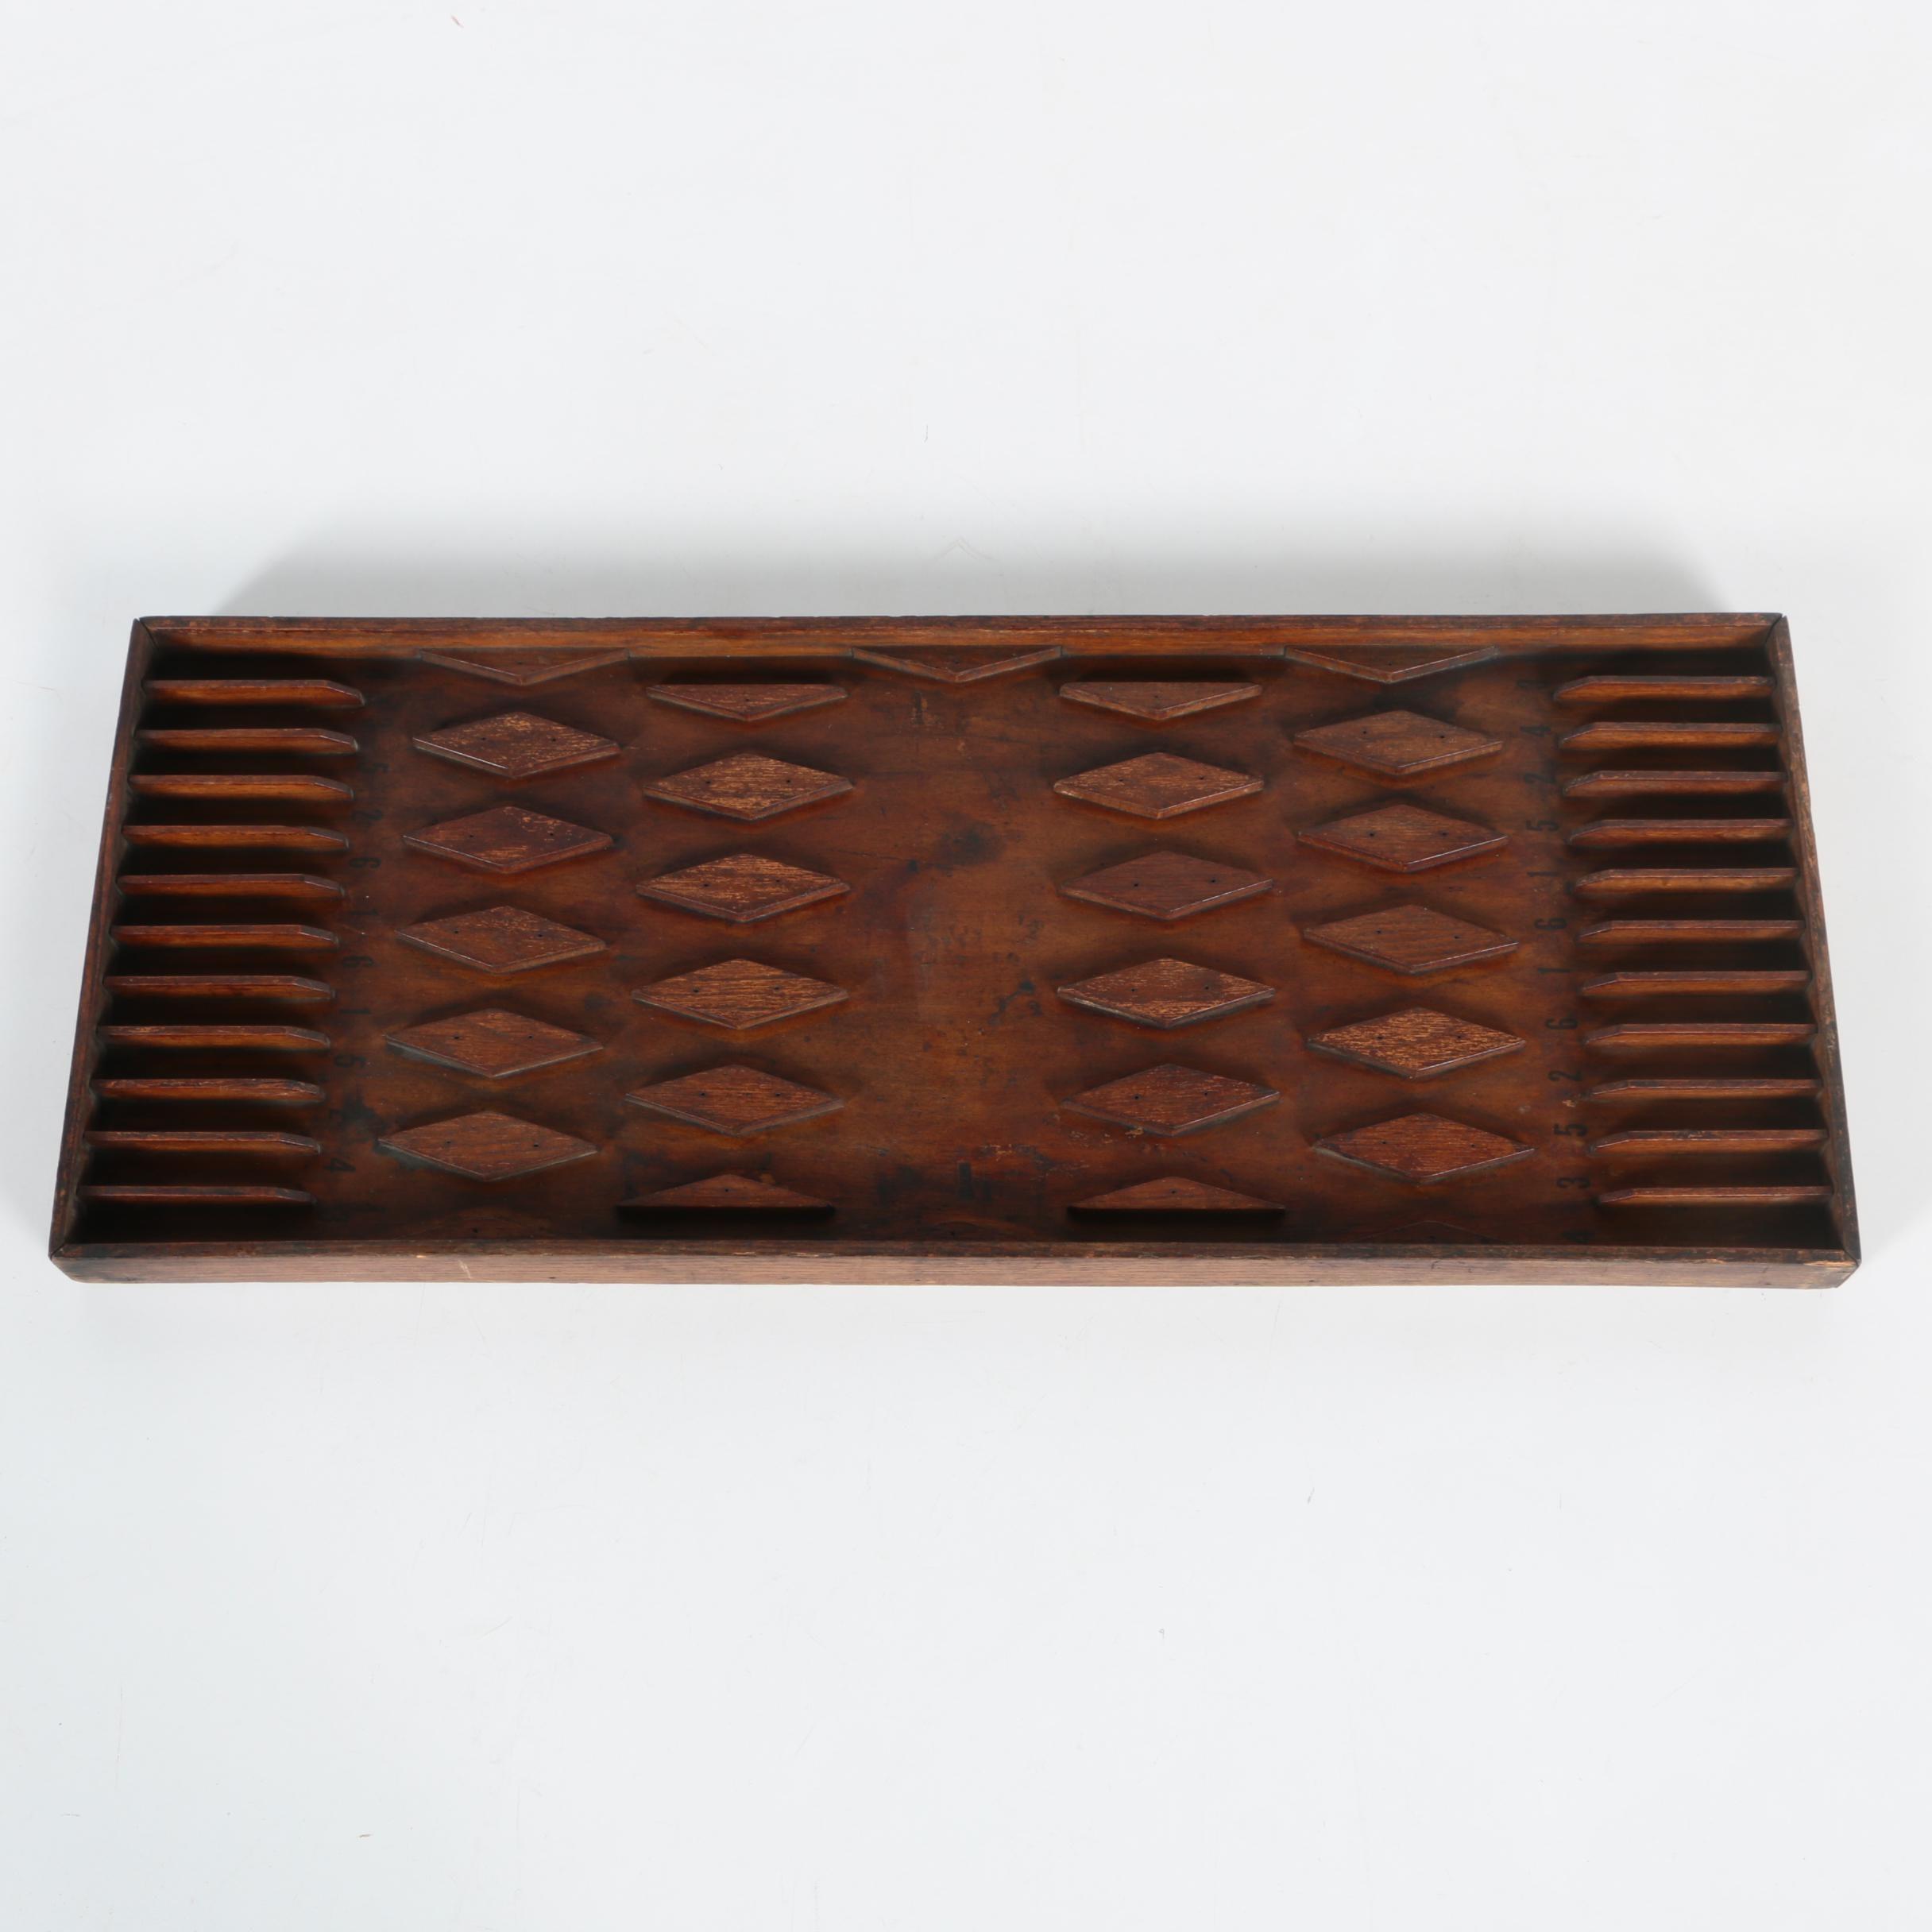 Vintage Wooden Pub Game Board